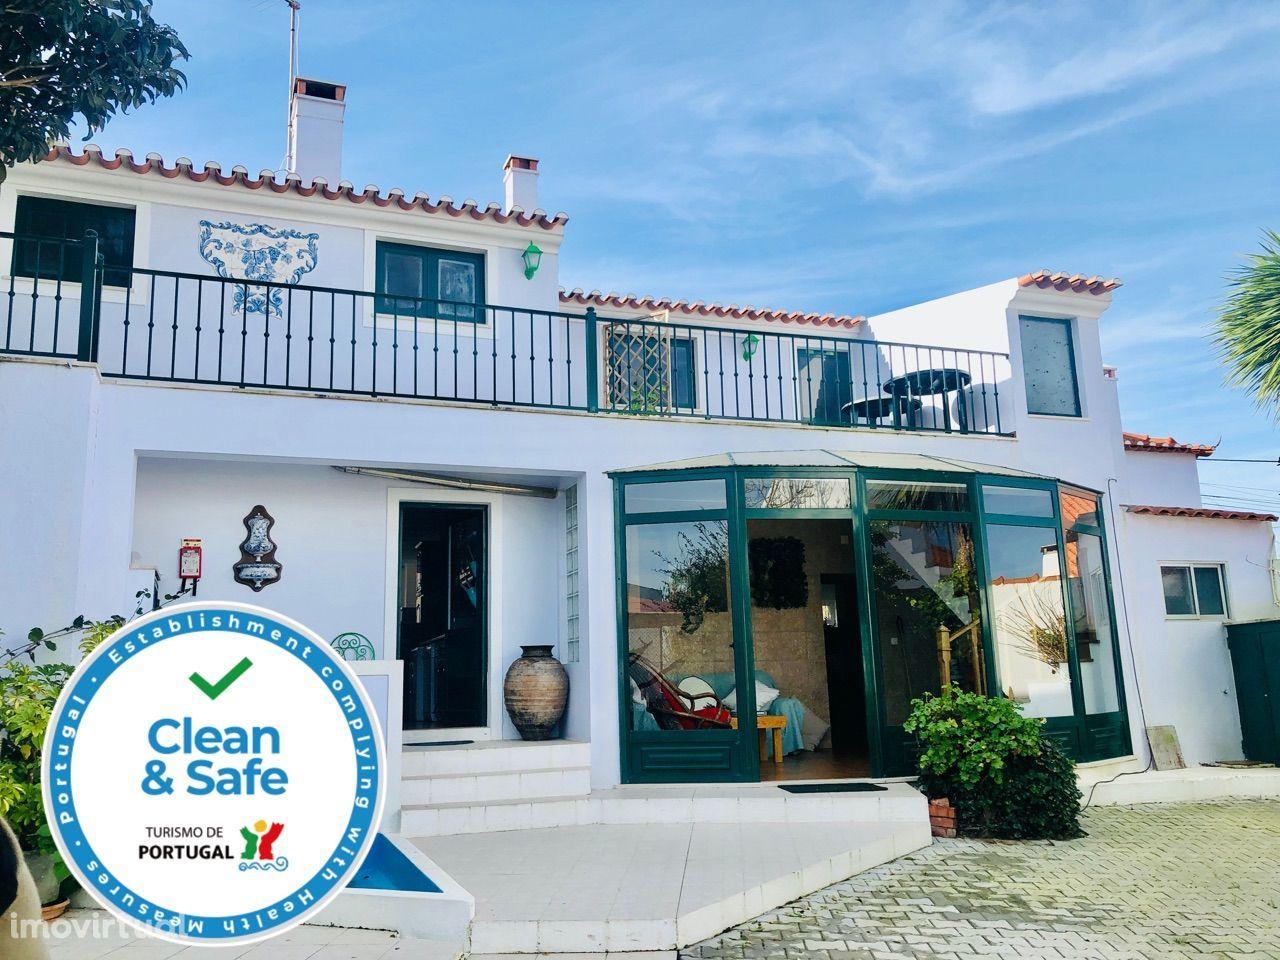 Santa Cruz - Casa da Vinha - Quinta no campo a 2Km da praia